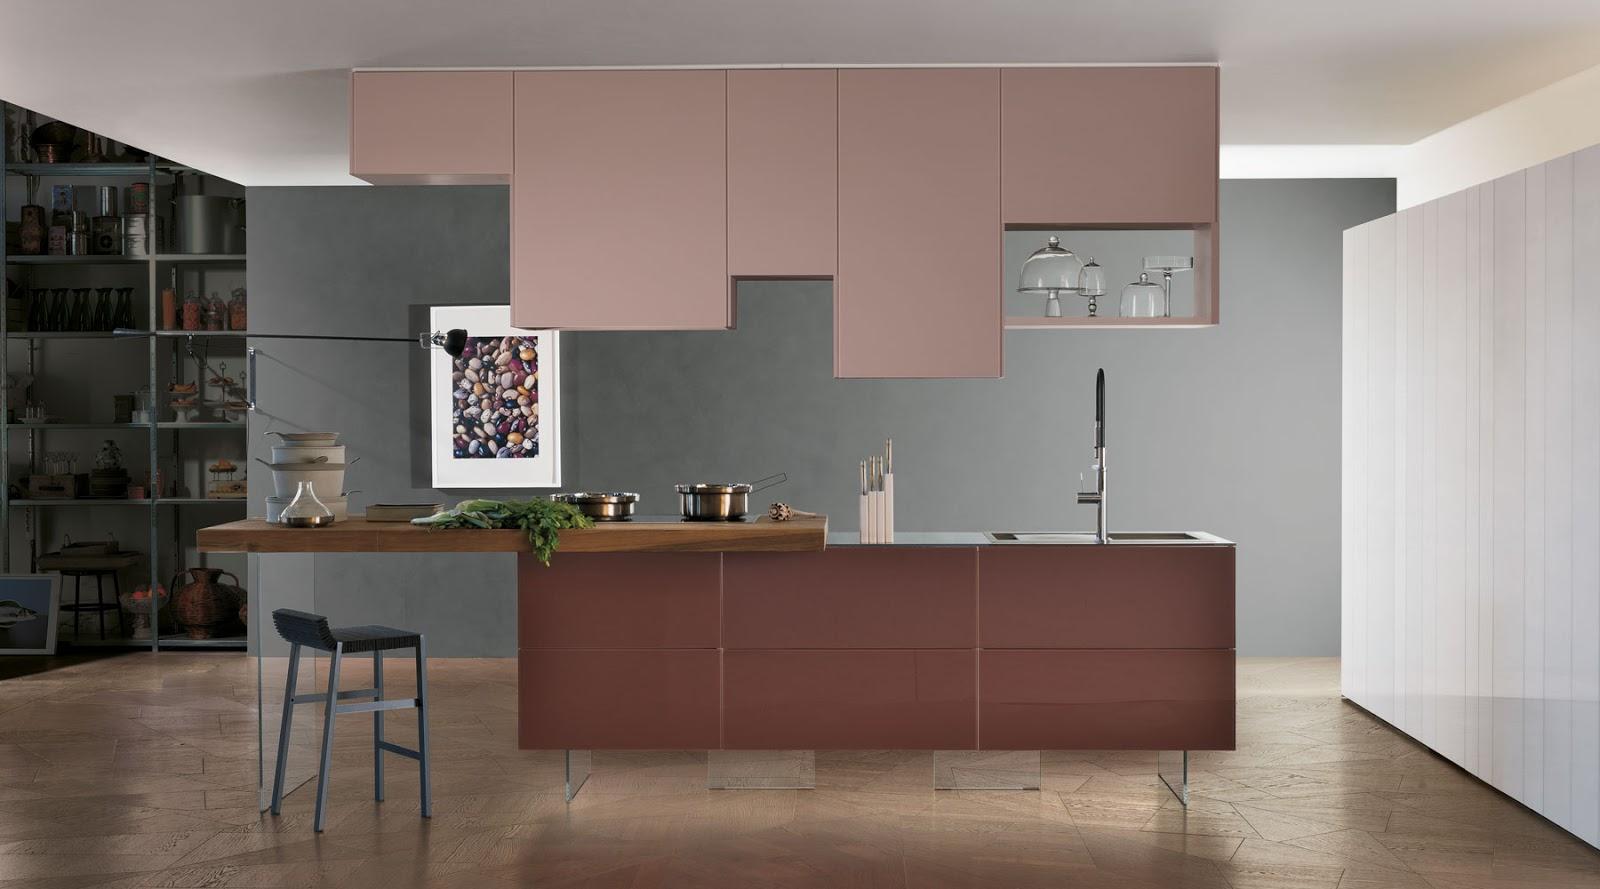 Dise o muebles de cocina dise o de cocina lago for Diseno de cocina